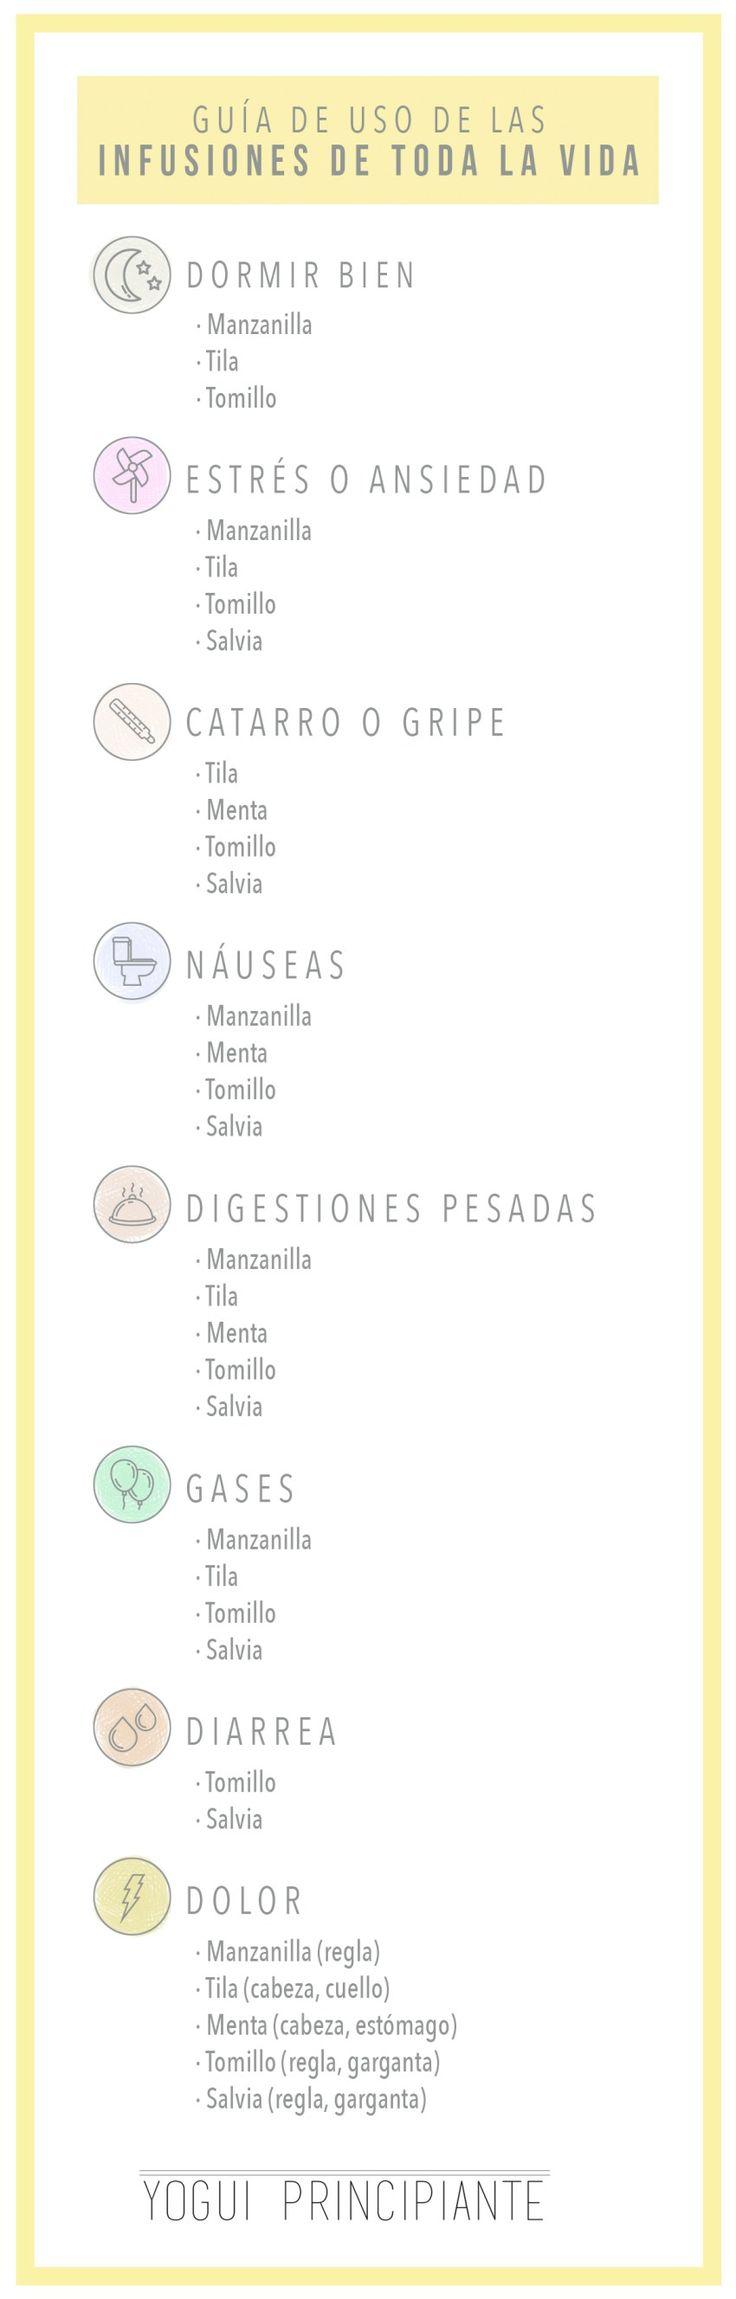 Guía de uso de infusiones de toda la vida ¡Haz click y encuentra las explicaciones completas! | YoguiPrincipiante.com